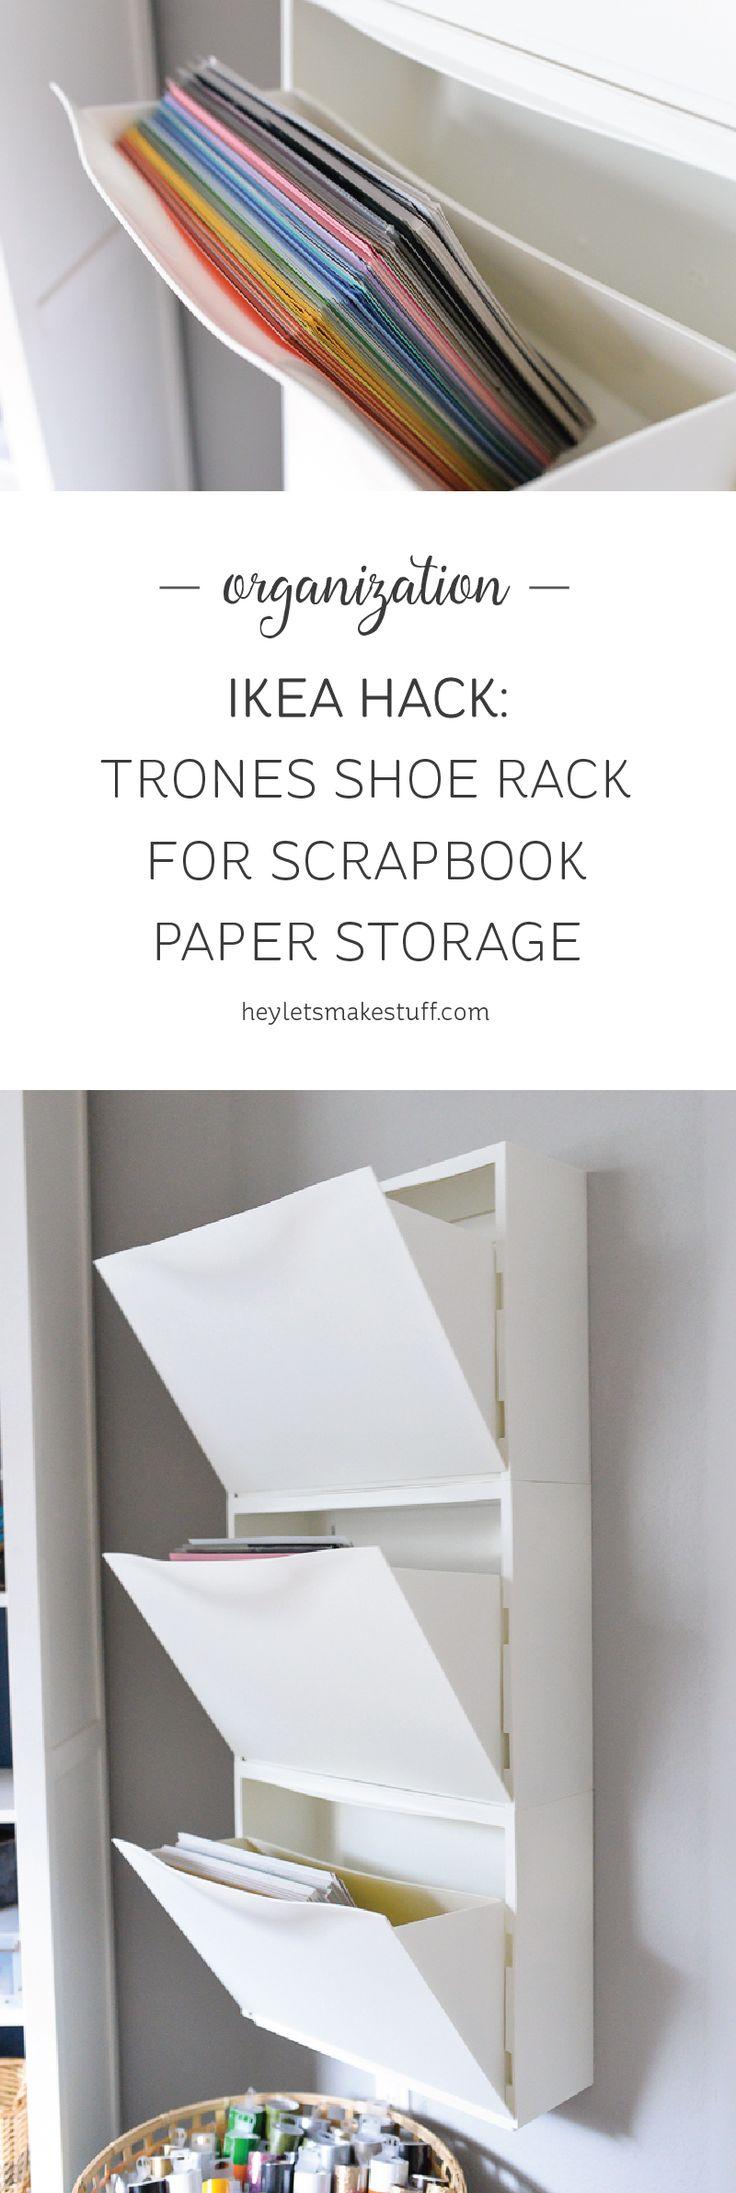 Full Size of Ikea Hacks Aufbewahrung 25 Hack Trones Schuhhalter Zur Von Papier Bett Mit Aufbewahrungssystem Küche Kaufen Betten Bei Kosten Aufbewahrungsbox Garten 160x200 Wohnzimmer Ikea Hacks Aufbewahrung